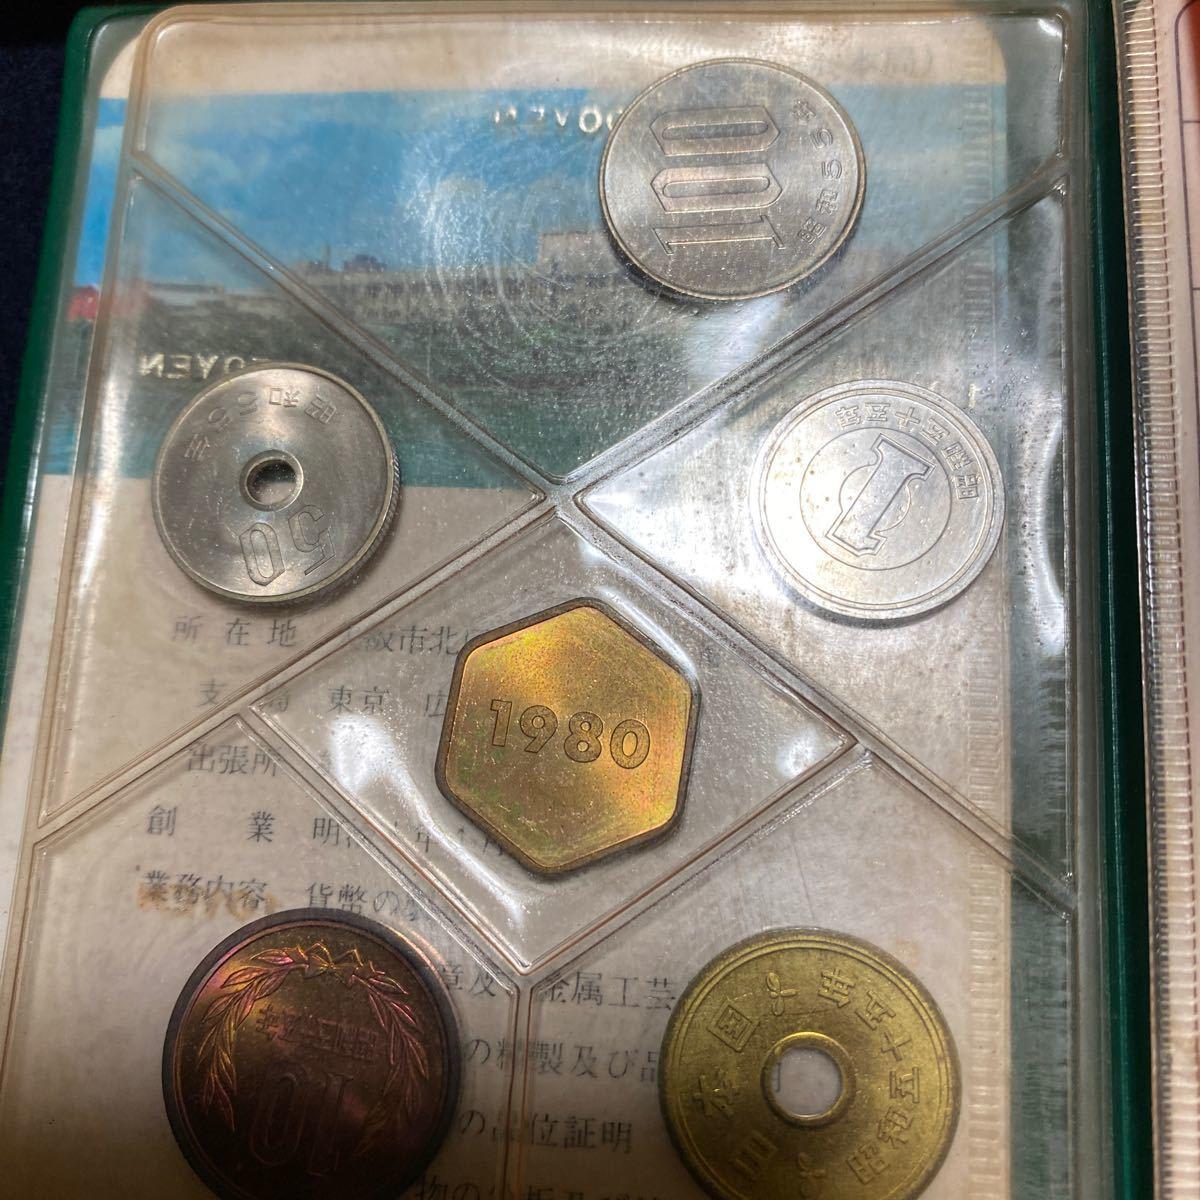 貨幣セット 昭和52年53年55年56年ミントコインです。(ゆうパック着払い)_画像7